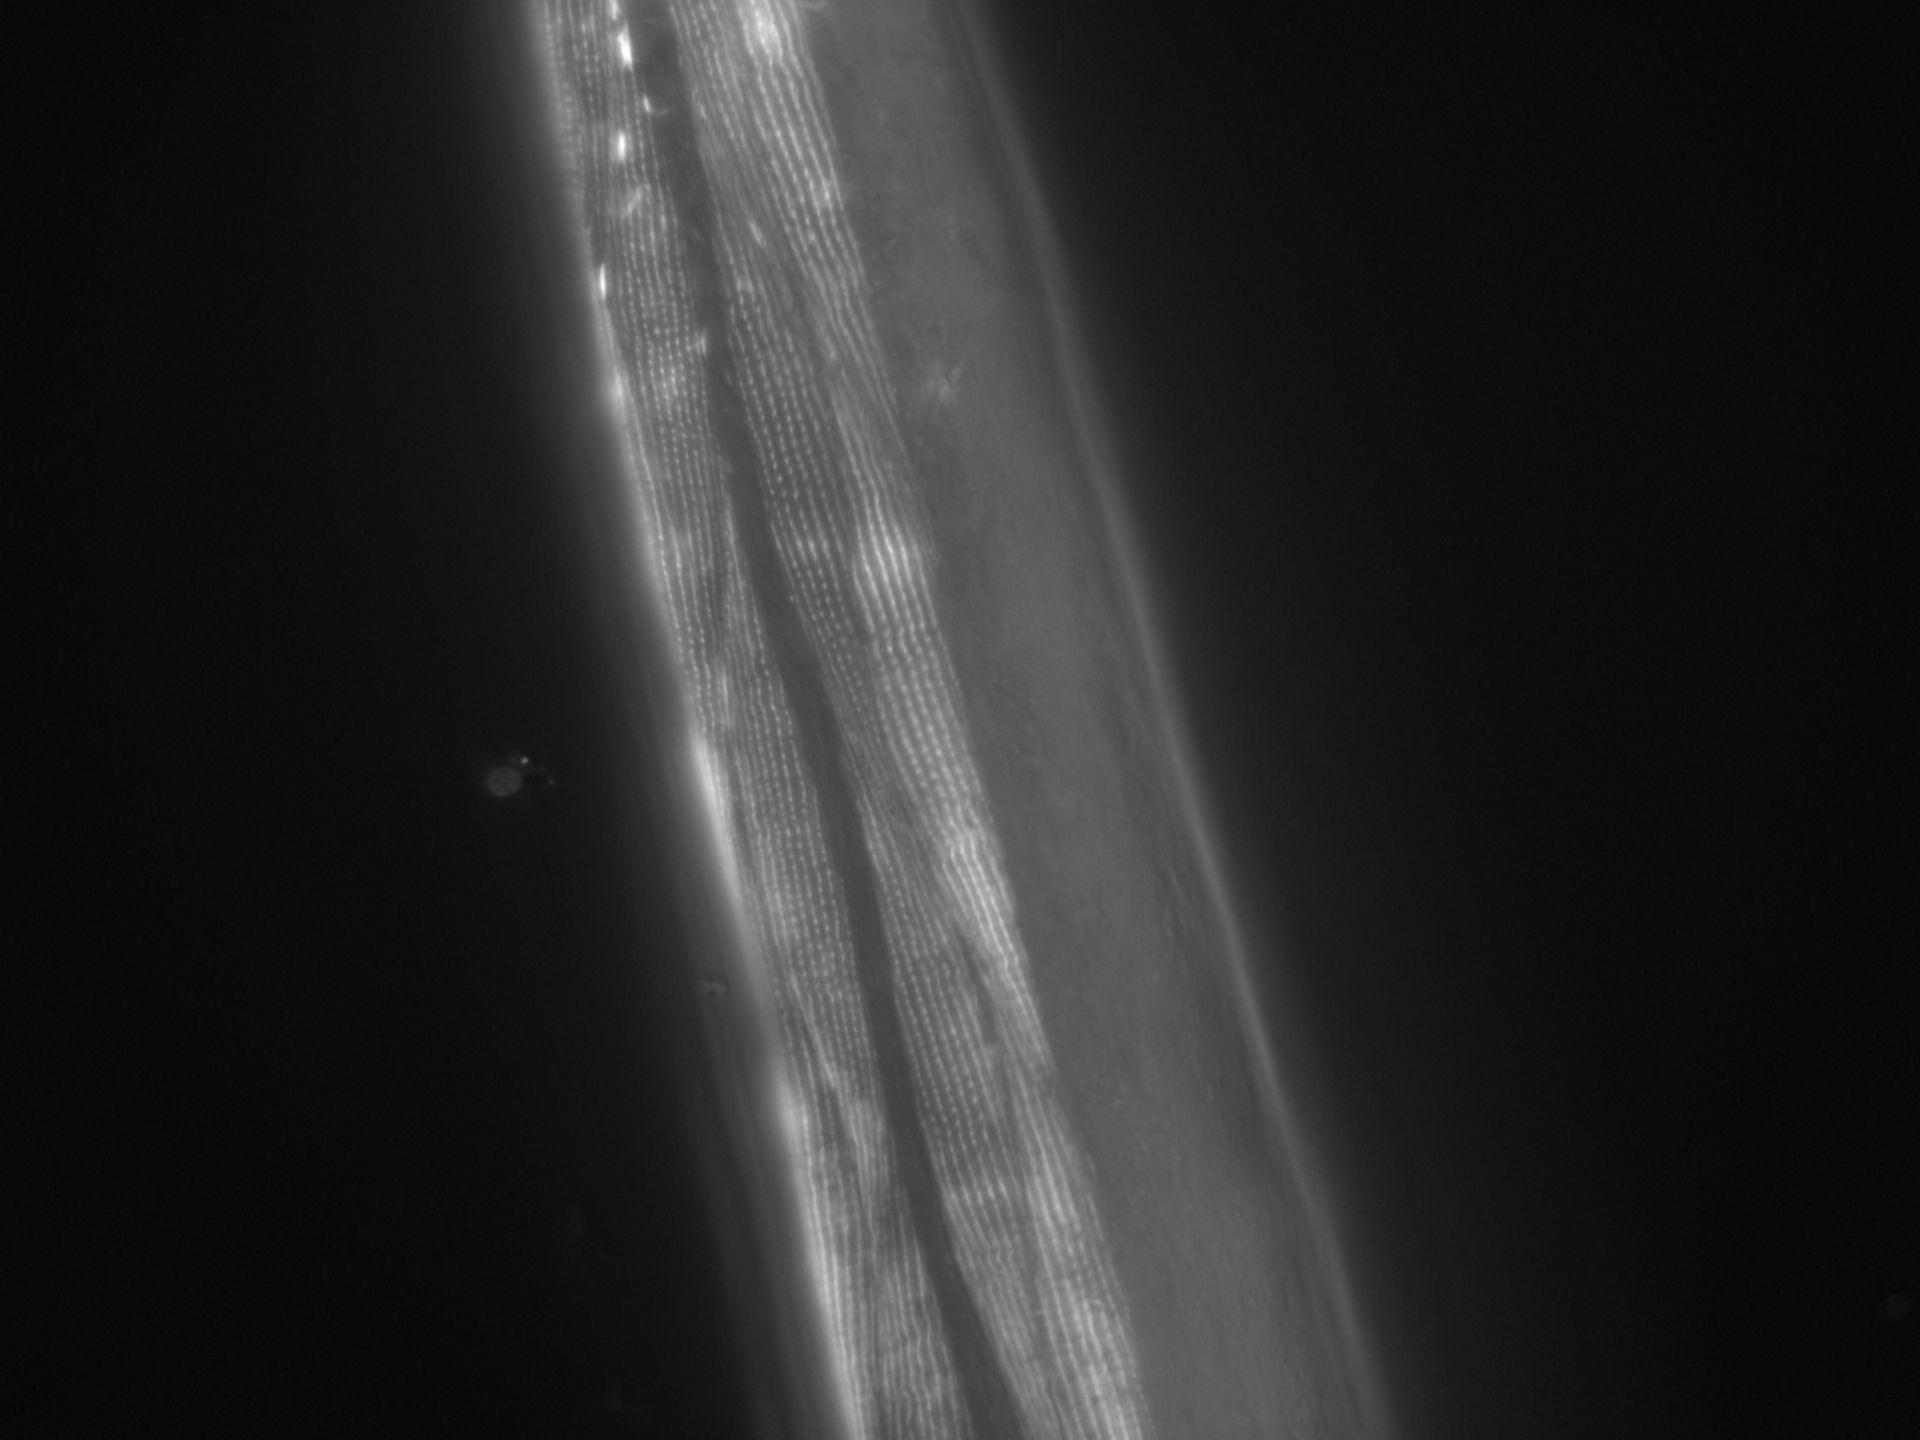 Caenorhabditis elegans (Actin filament) - CIL:1012